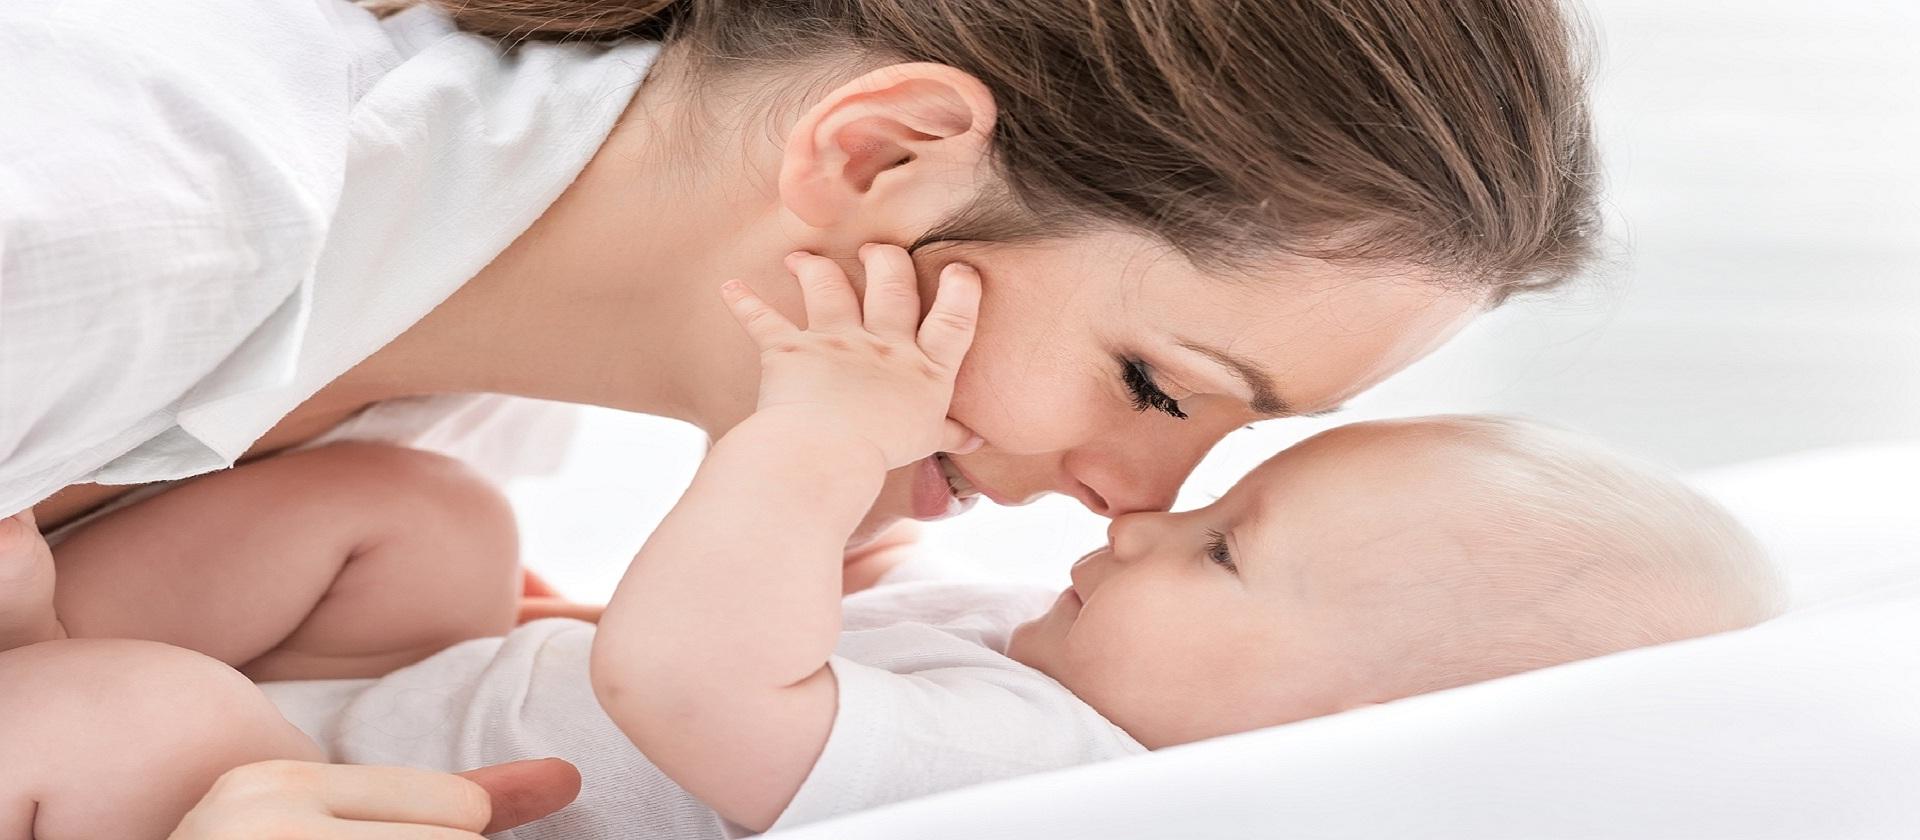 تعیین جنسیت و تست پدرفرزندی و مادر فرزندی